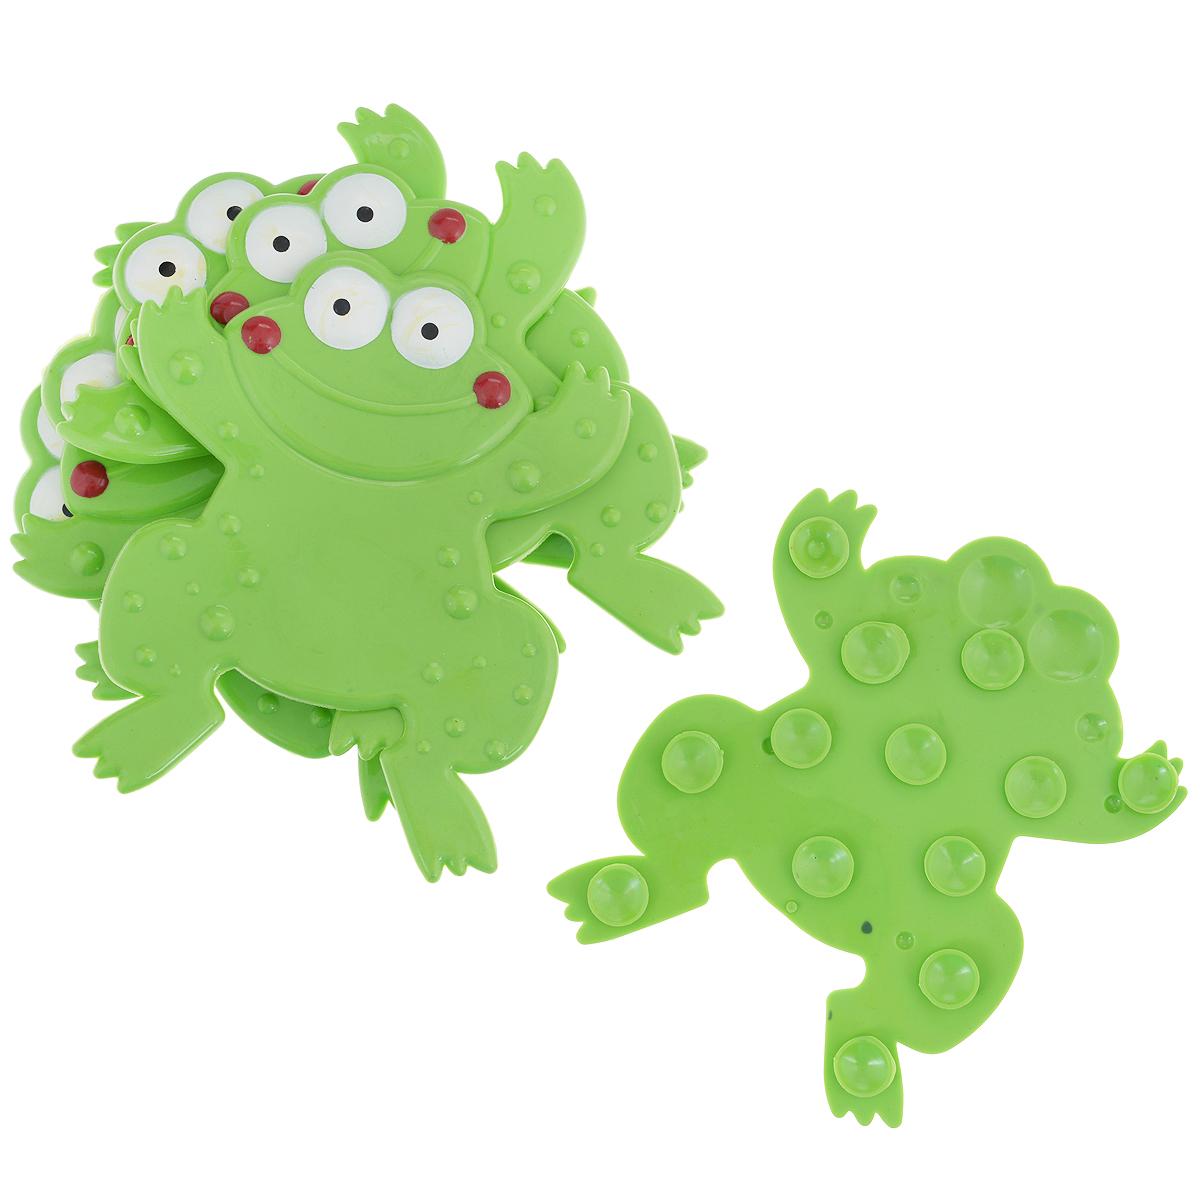 Набор мини-ковриков для ванной Лягушка, цвет: зеленый, 6 шт837-025Набор Лягушка включает шесть мини-ковриков для ванной. Изготовлены из PVC (полимерные материалы). Коврики оснащены присосками, предотвращающими скольжение. Крепятся на дно ванны, также можно использовать как декор для плитки. Легко чистить.